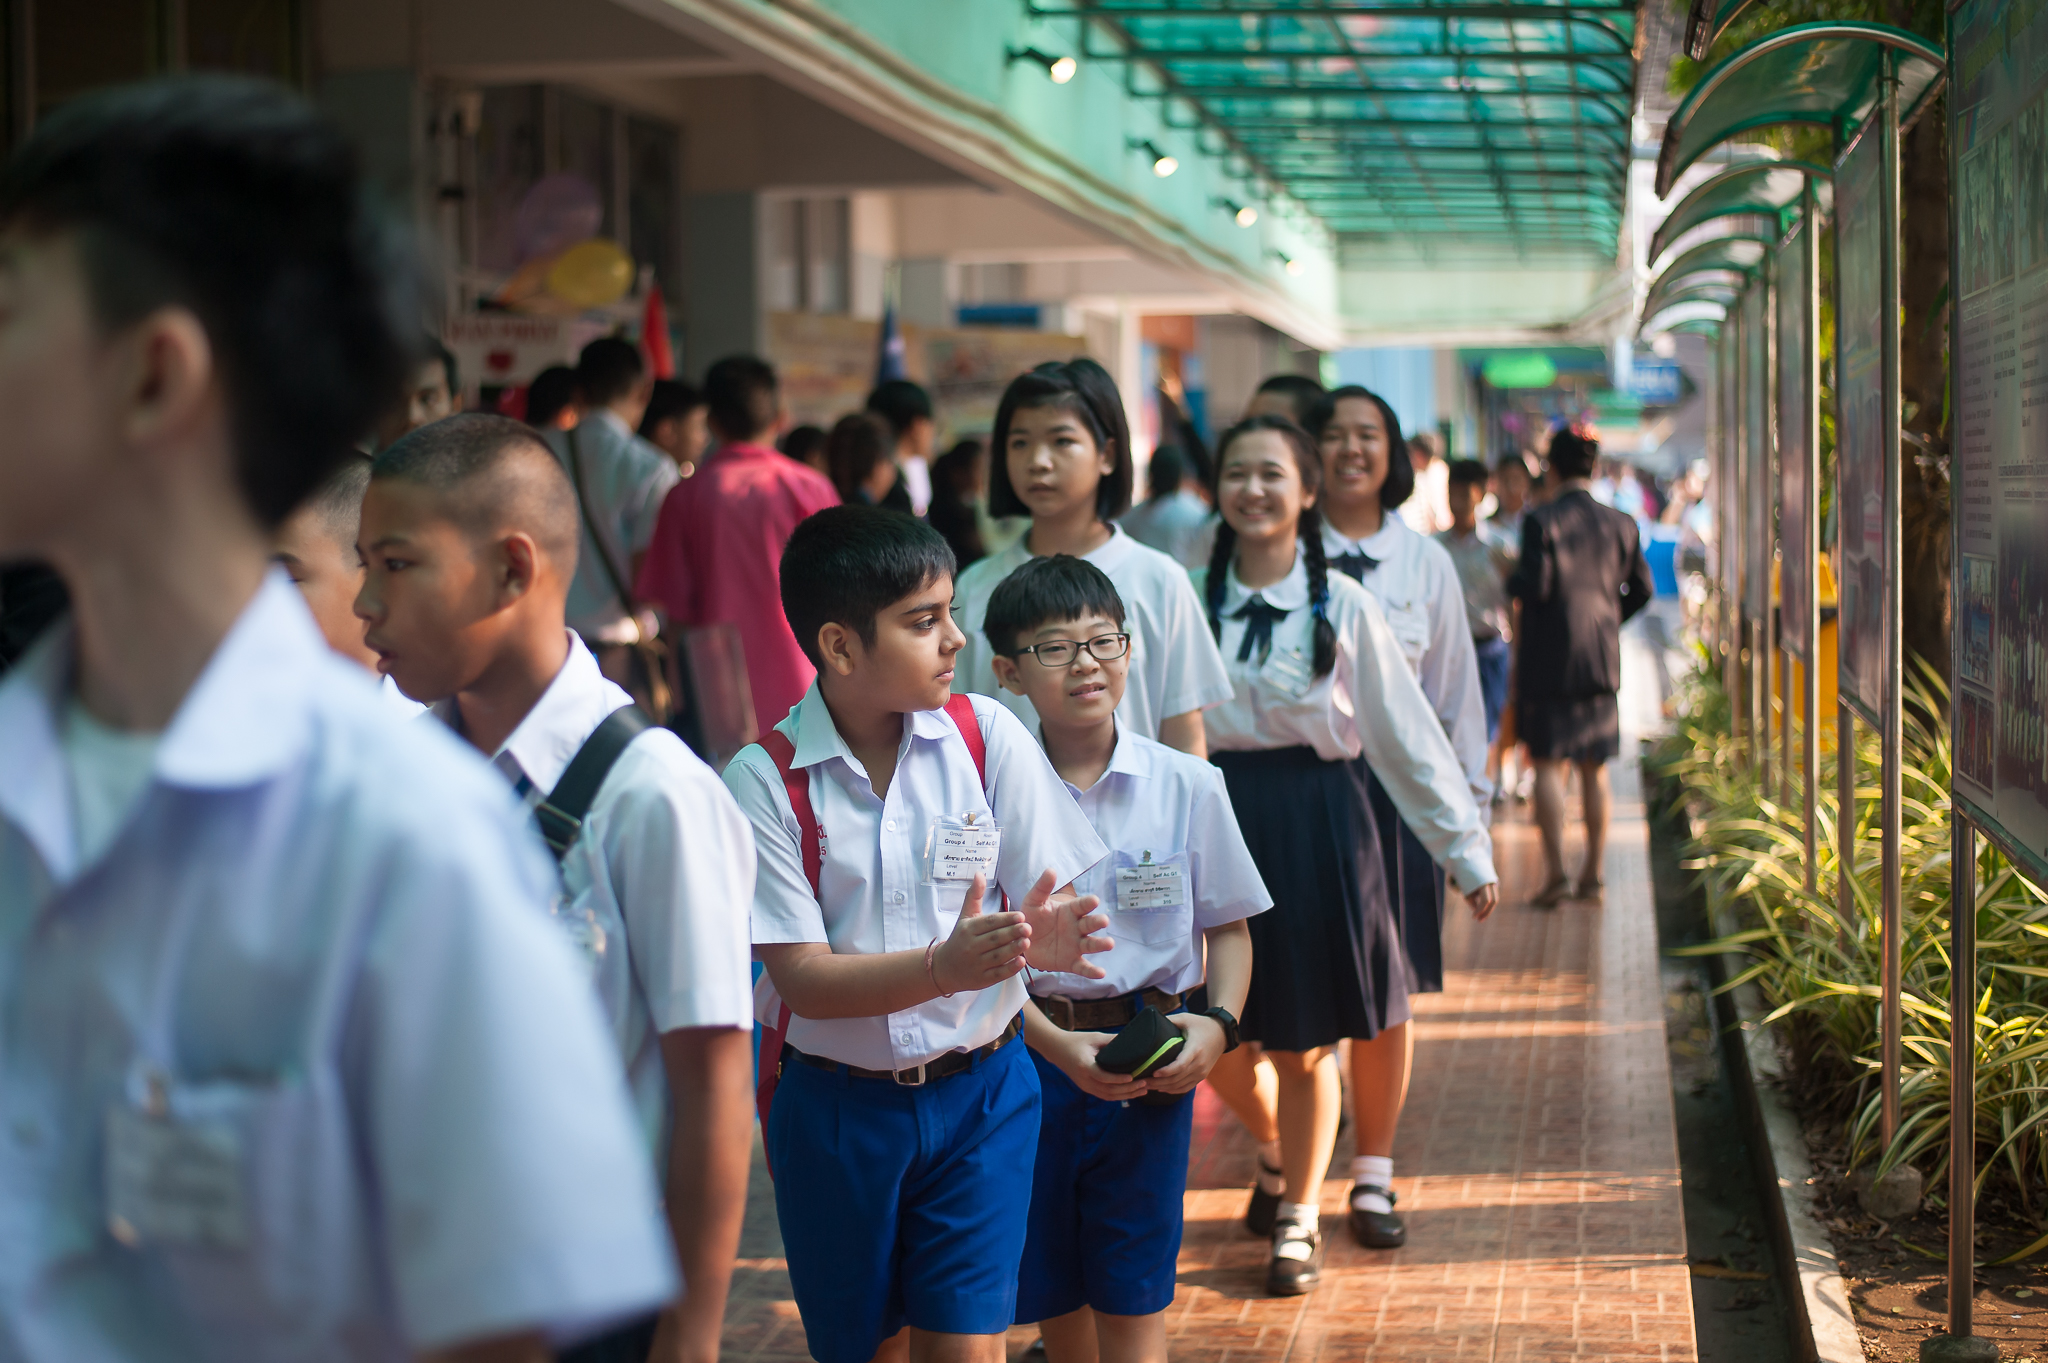 📣ประกาศรายชื่อนักเรียนที่มีสิทธิ์สอบคัดเลือกเข้าเรียน ชั้นมัธยมศึกษาปีที่ 1 และ ชั้นมัธยมศึกษาปีที่ 4 ห้องเรียนพิเศษ English Program และ Mini English Program ปีการศึกษา 2563 และตารางสอบคัดเลือก